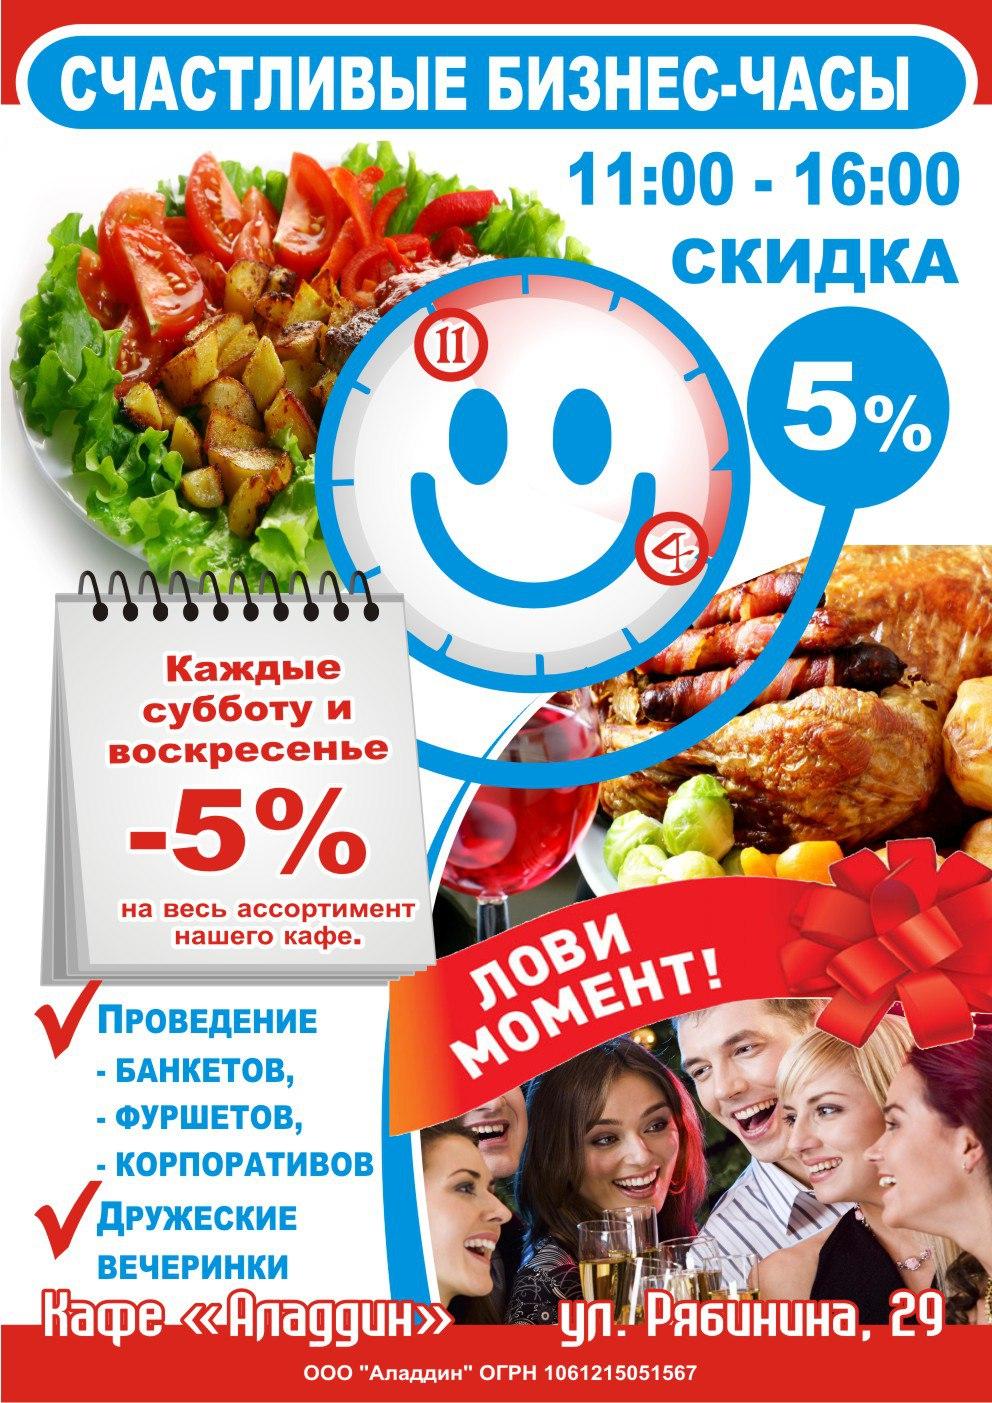 Кафе «Аладдин» - Вконтакте